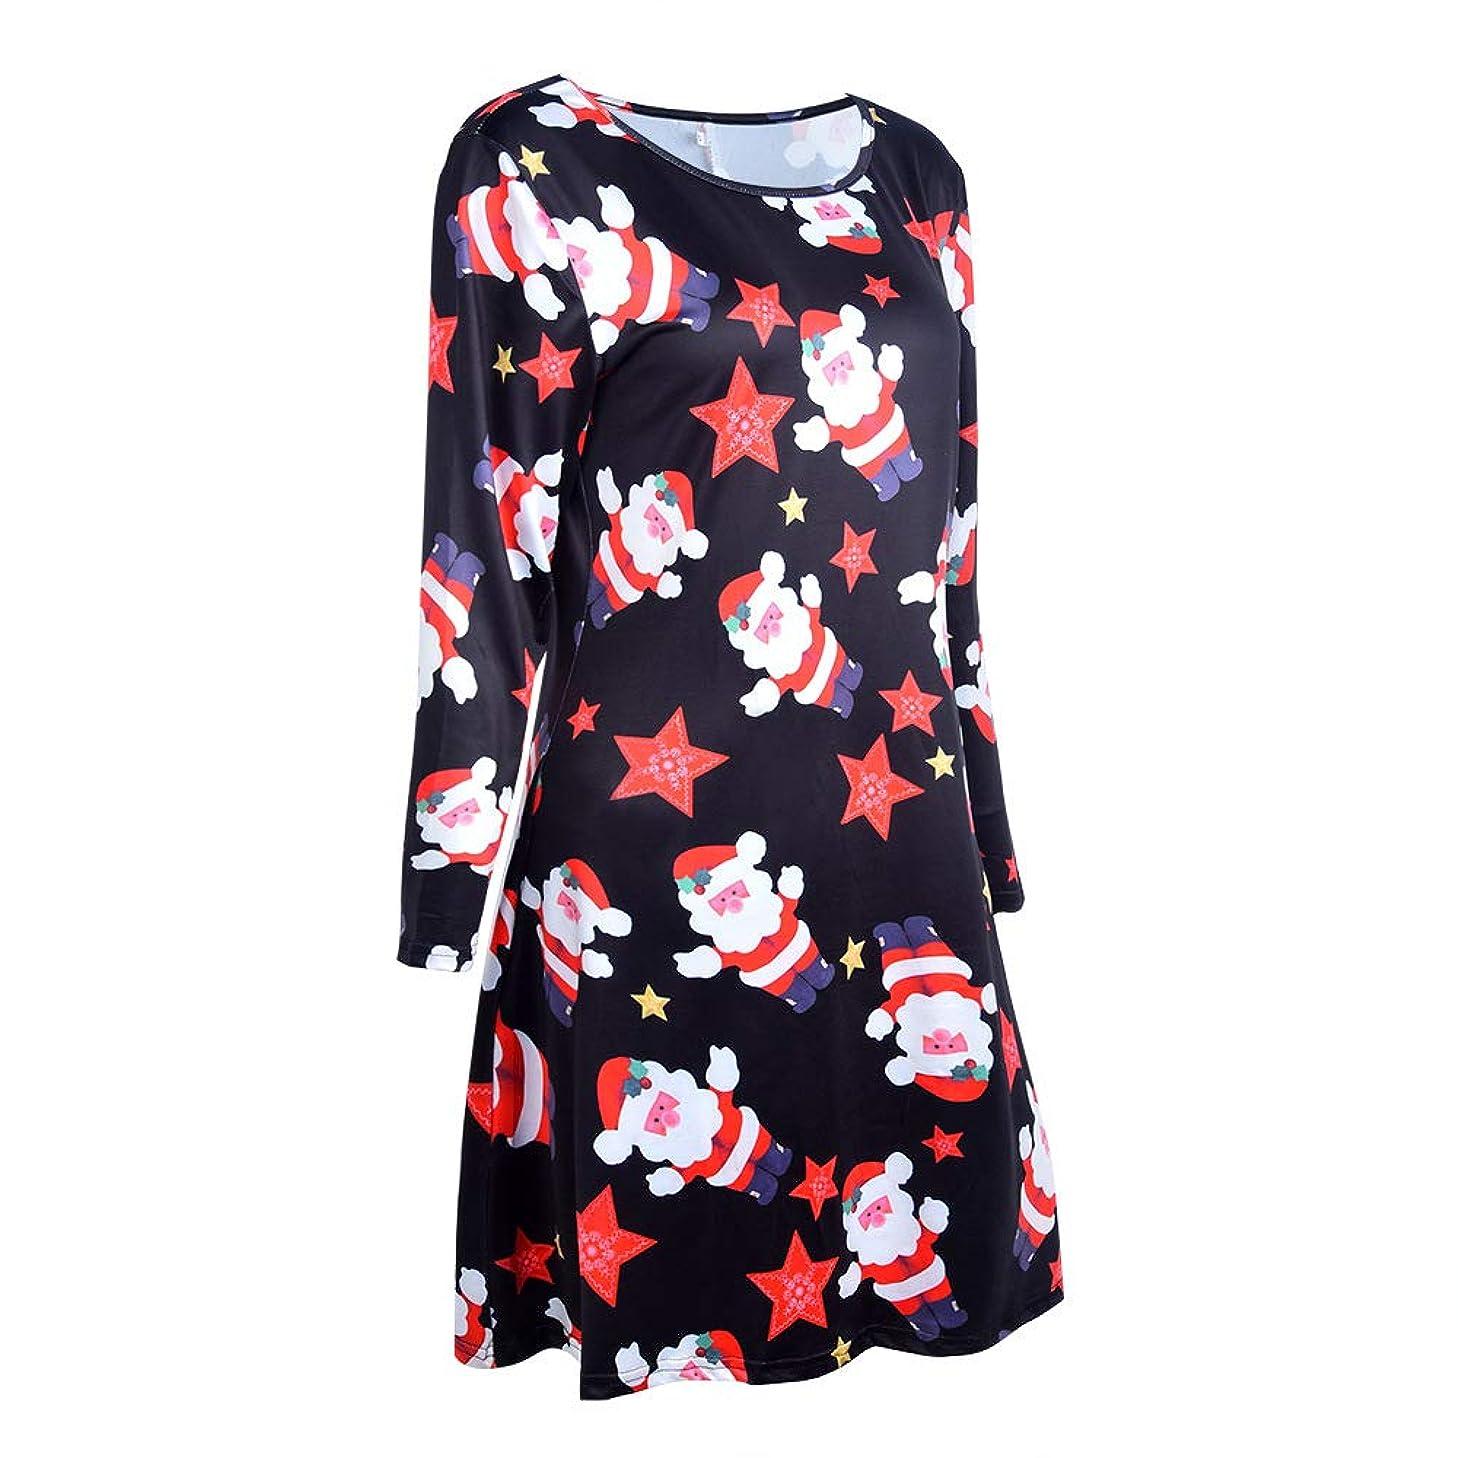 Women Summer Dress Off Shoulder Fit Comfy Casual Dresses I8